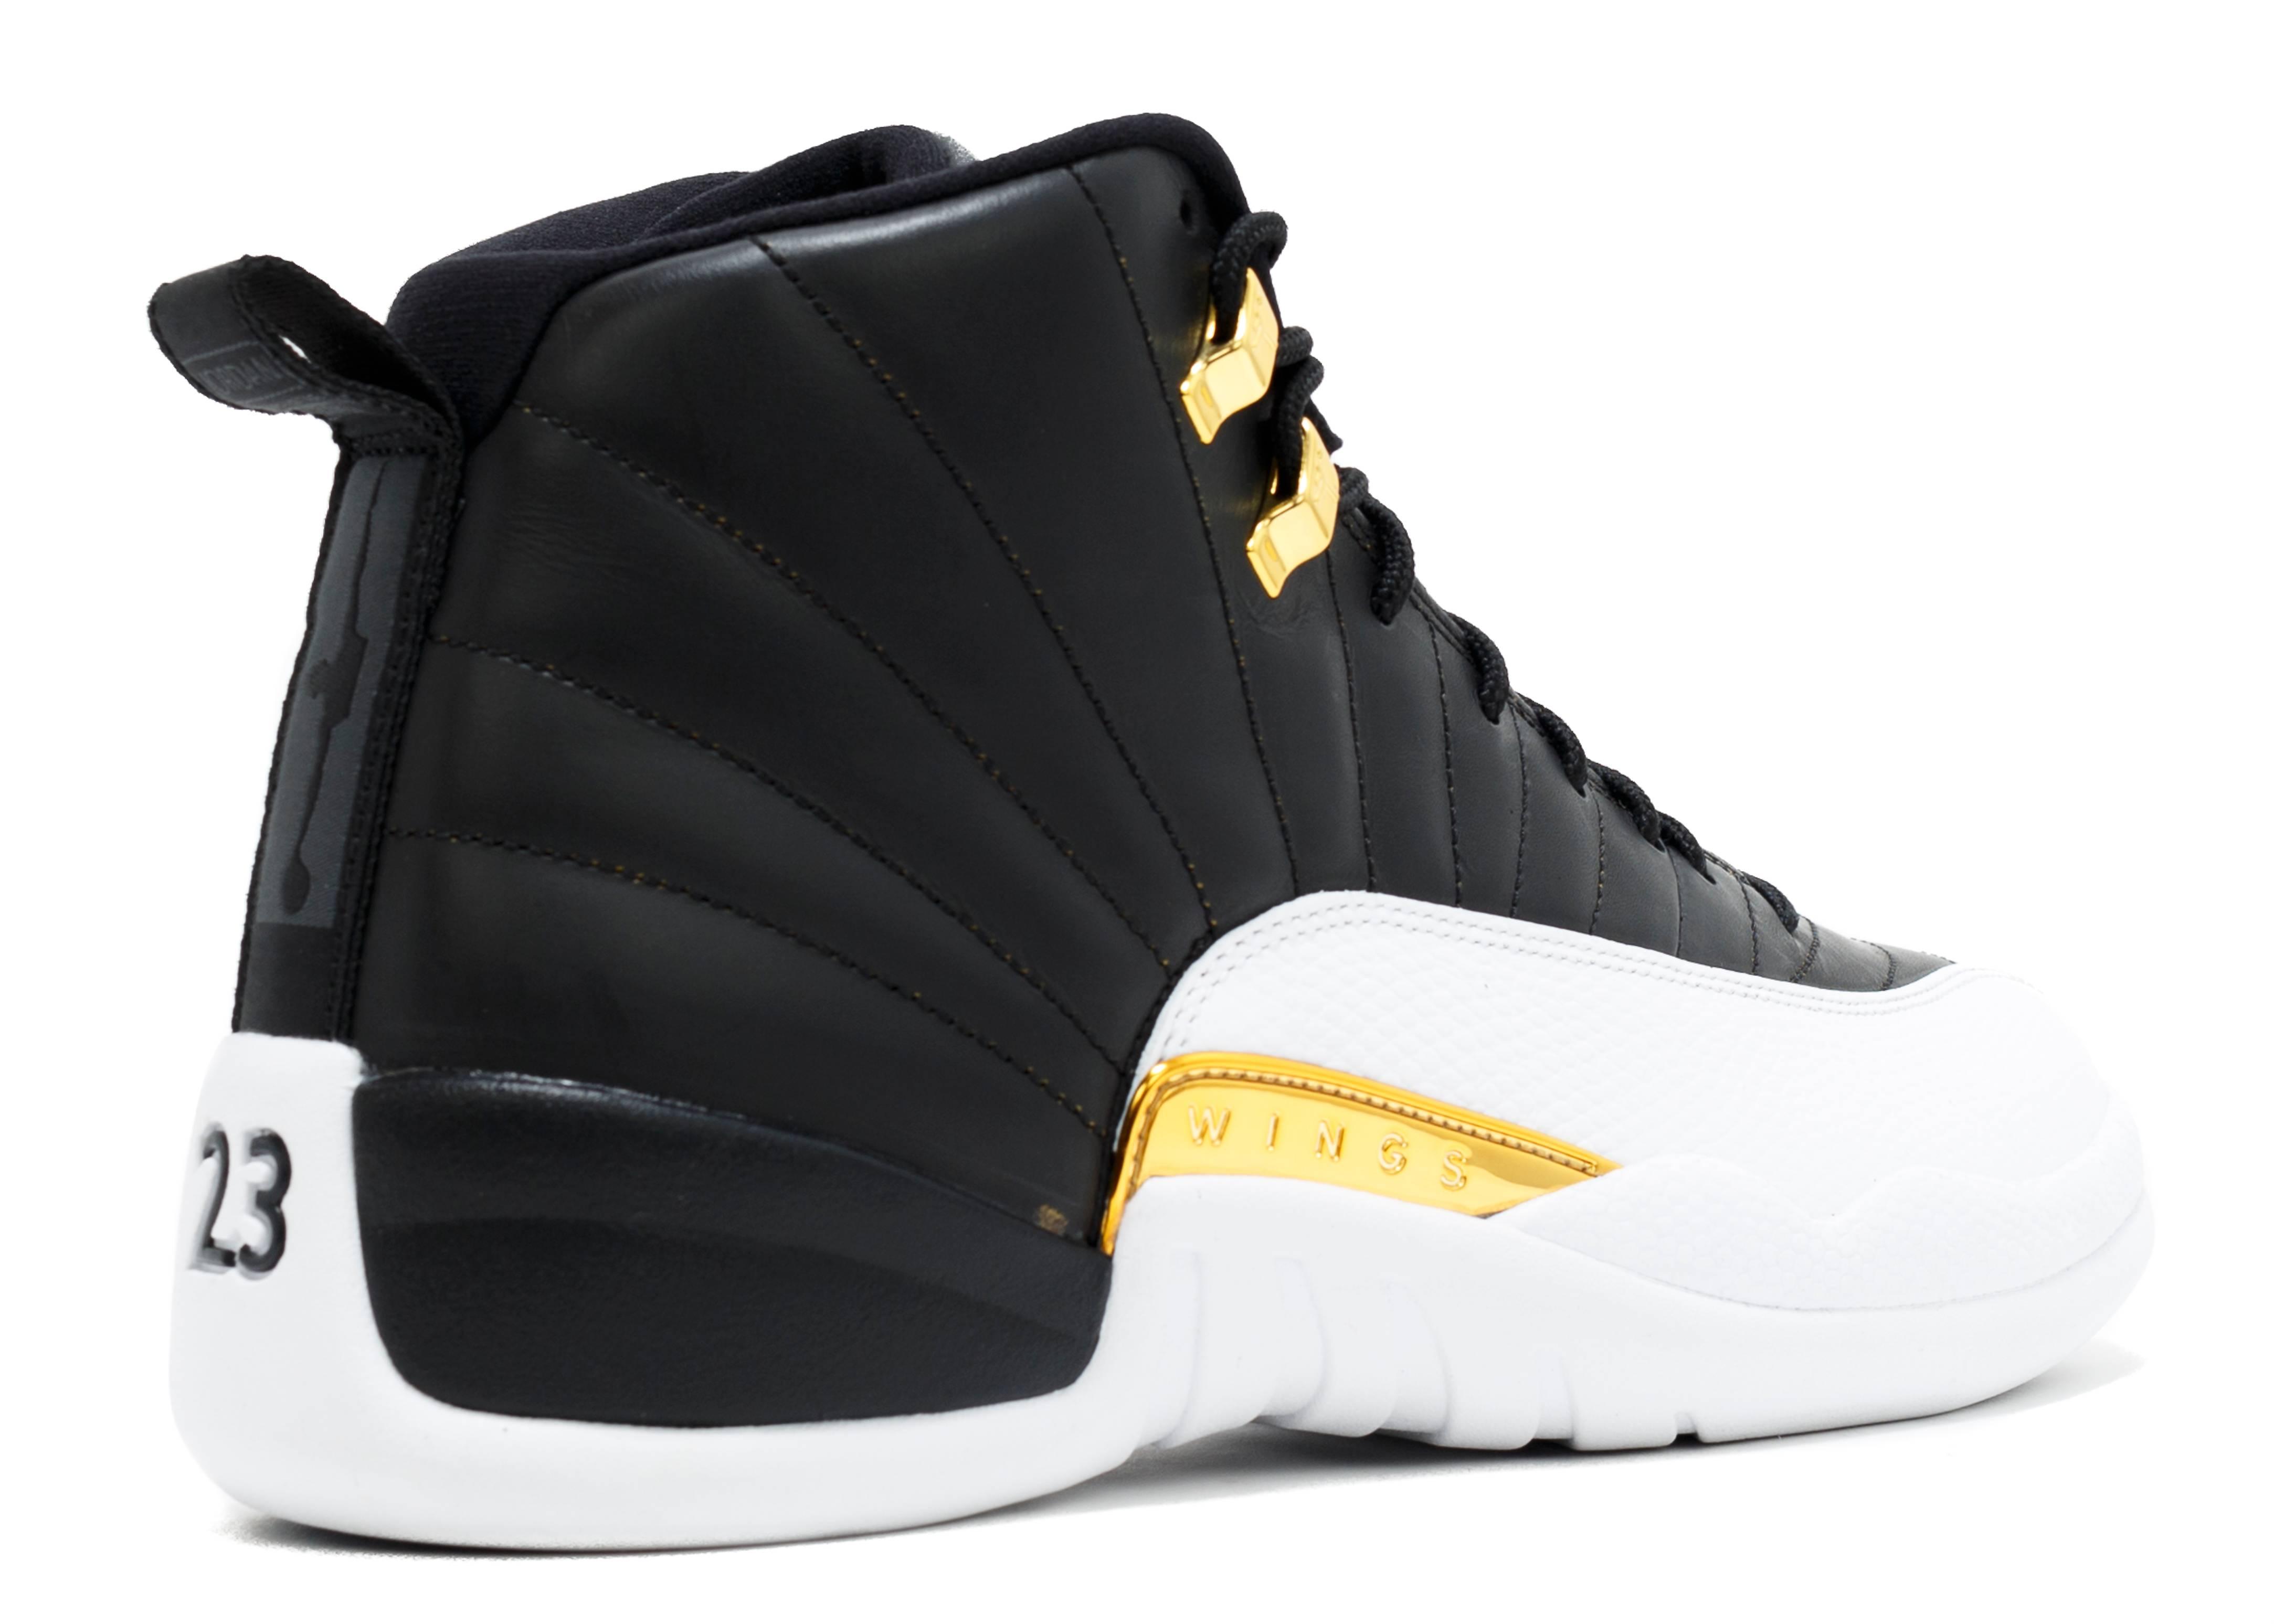 b16d7a26212e Air Jordan 12 Retro